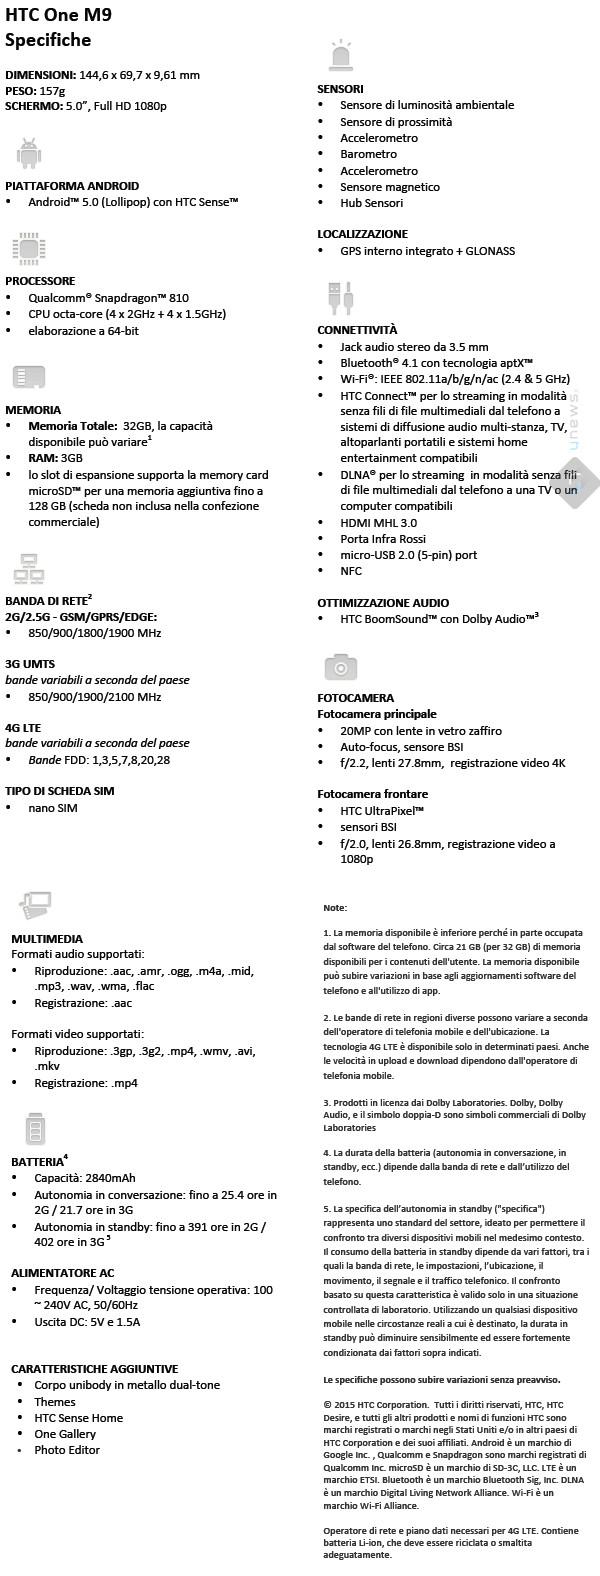 SpecificheHTCOneM9